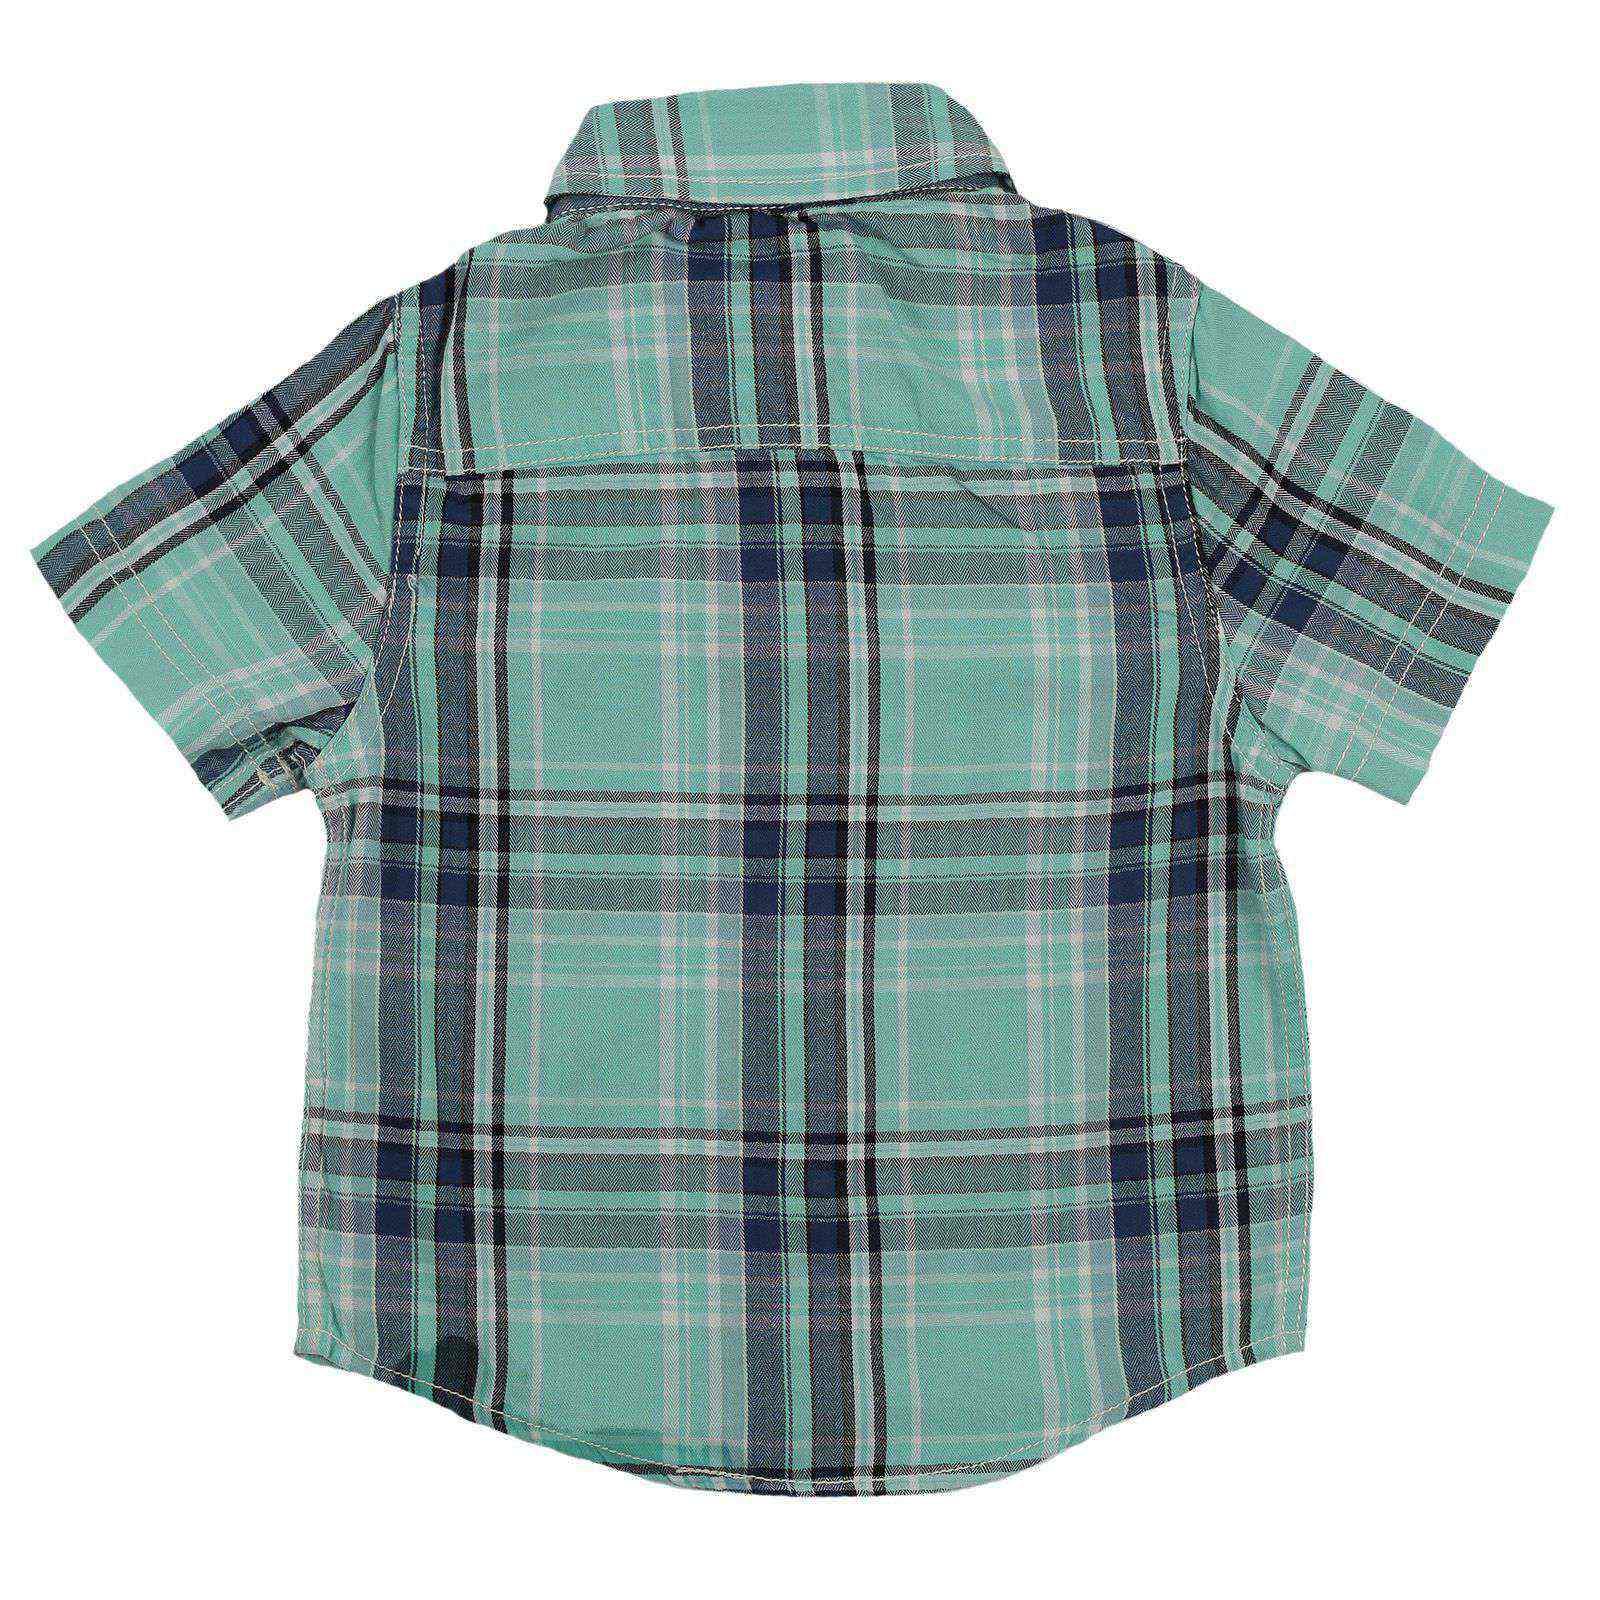 Фирменная рубашка от австралийского бренда Baby Harvest №20